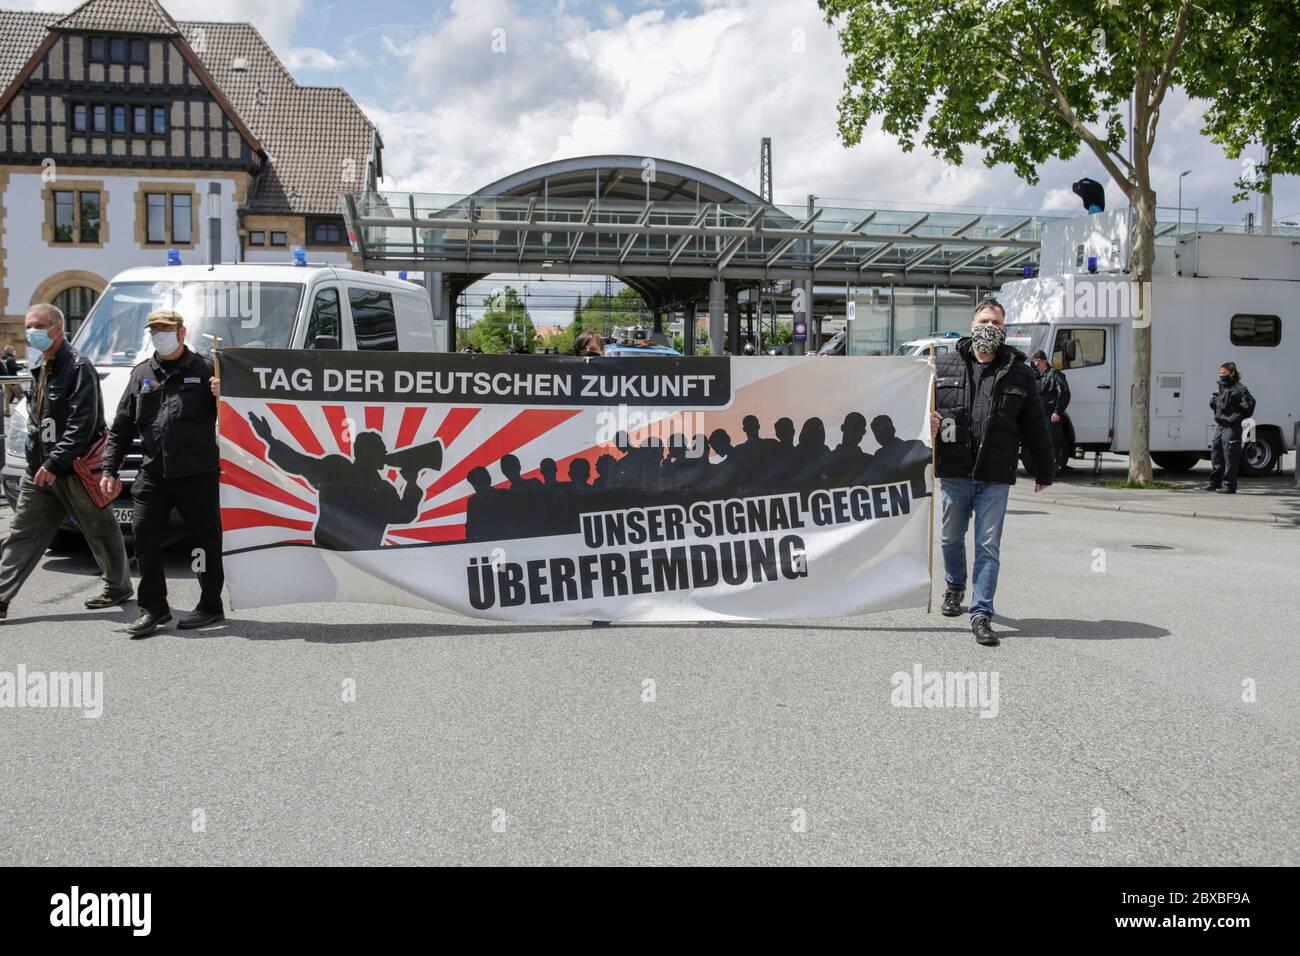 """Worm, Germania. 6 giugno 2020. Due manifestanti di destra portano un cartello con la scritta """"giorno del futuro tedesco - il nostro segnale contro l'infiltrazione straniera"""". Circa 50 manifestanti di destra hanno marciato attraverso il centro di Worms per il 12. E l'ultimo 'giorno del futuro tedesco'. La marcia è stata ridotta a causa di diverse centinaia di contronestori che hanno bloccato la strada della marcia di destra. la marcia è stata un evento annuale di destra in diverse città tedesche che ha attirato oltre 1000 manifestanti al suo massimo livello. Foto Stock"""